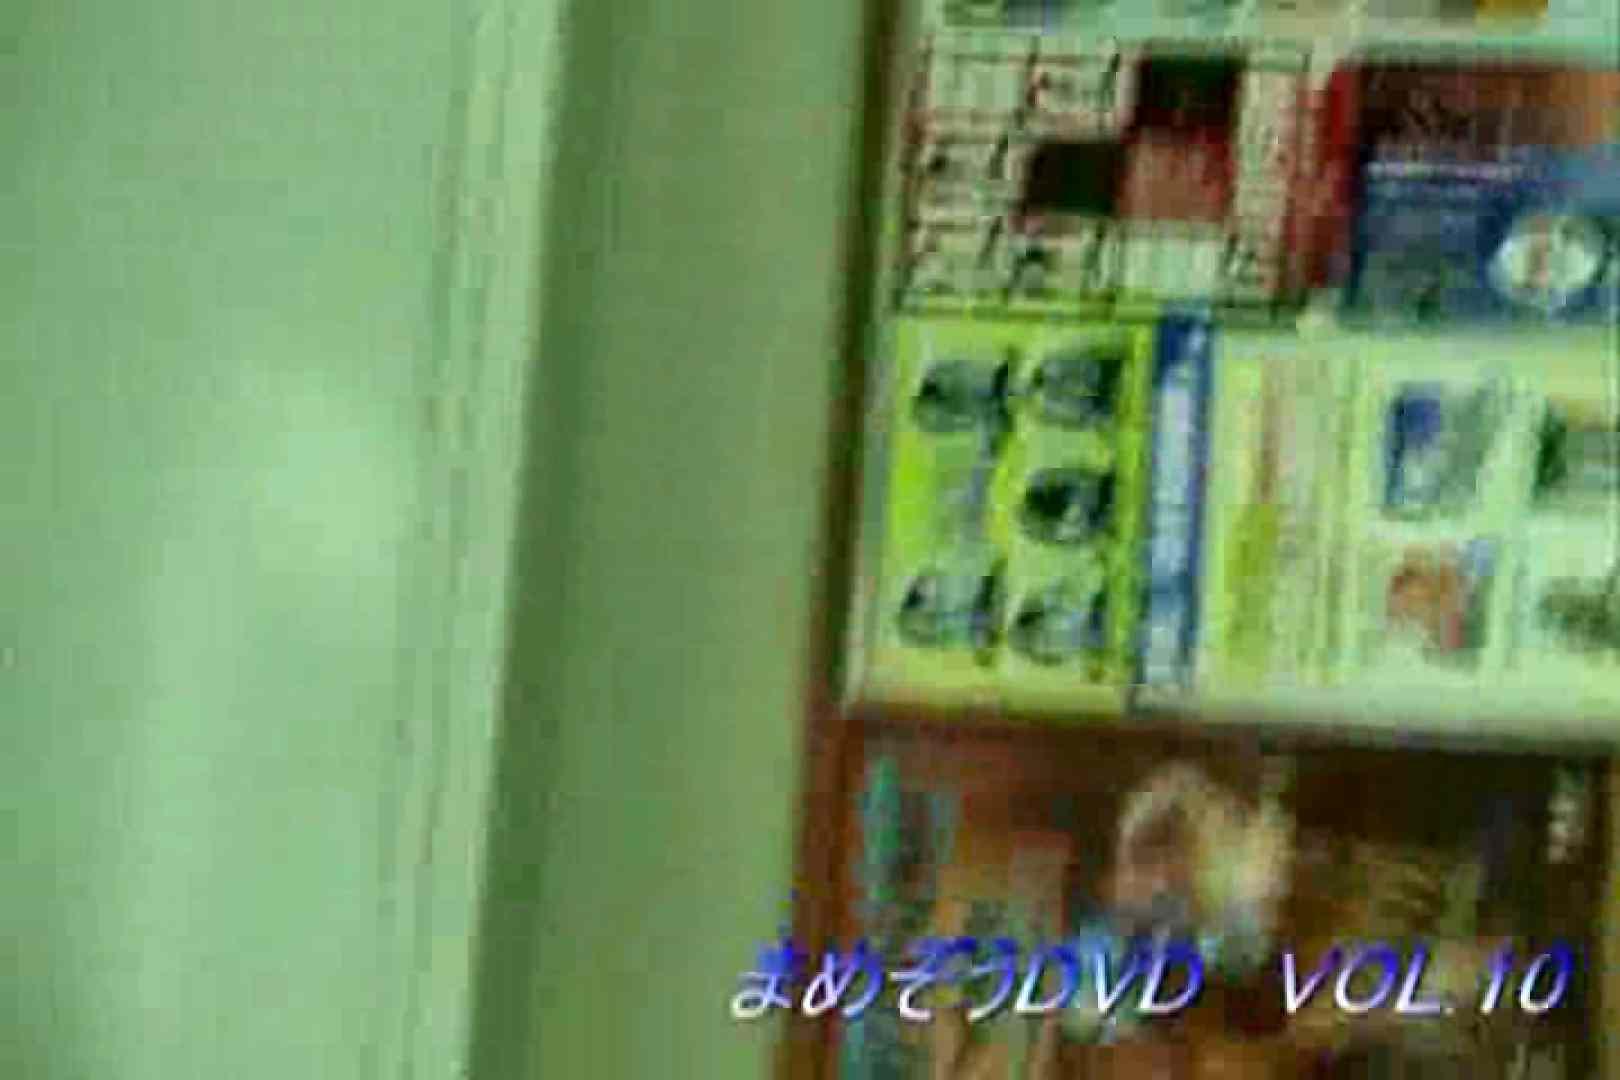 まめぞうDVD完全版VOL.10 ギャル達  106枚 8